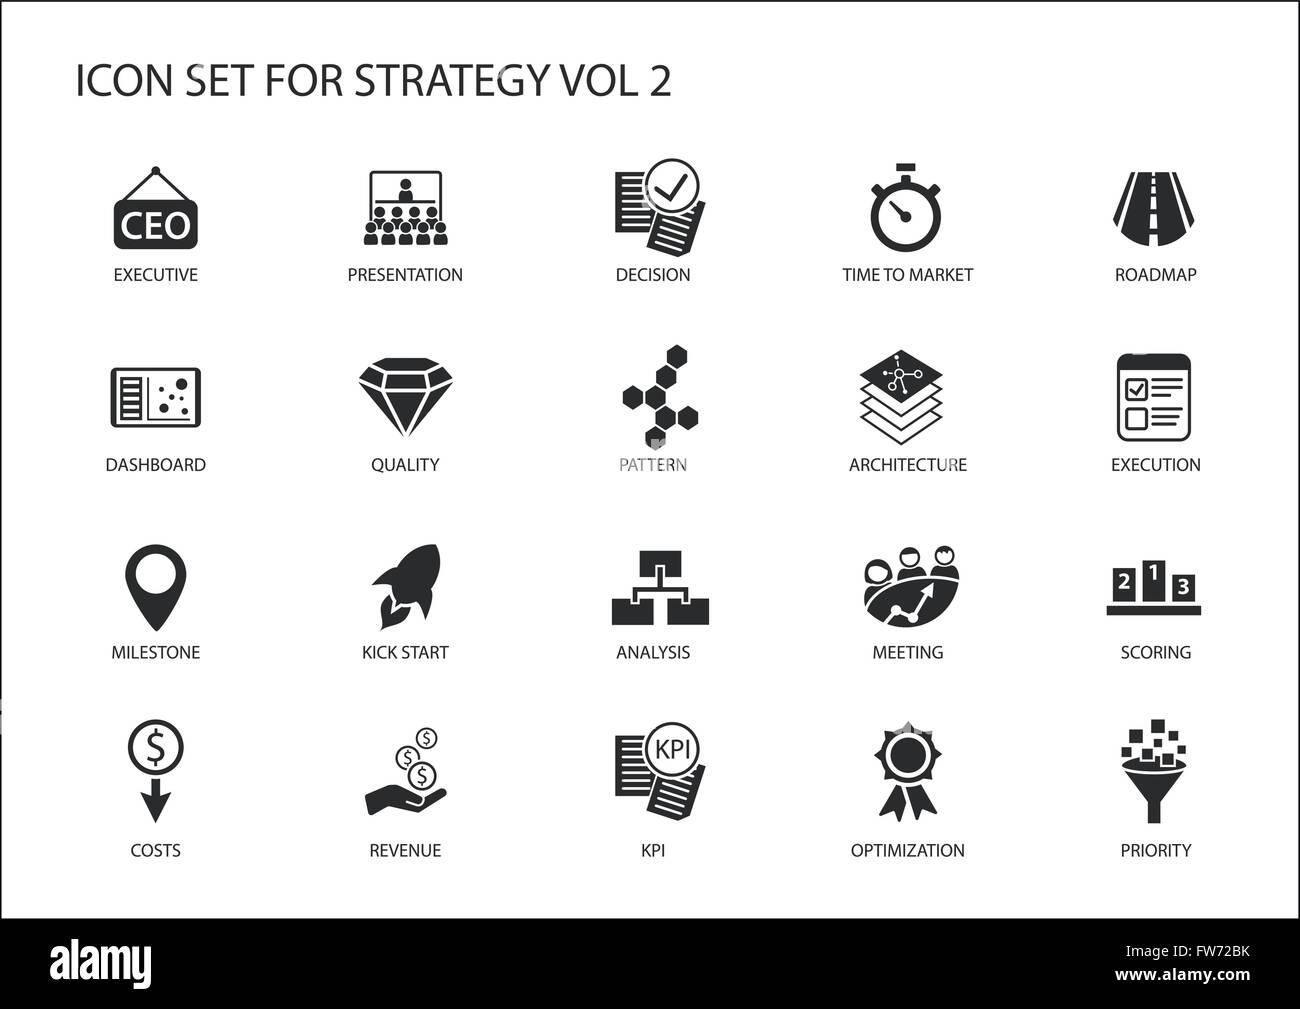 Icona di strategia impostata con vari simboli per temi strategici come ottimizzazione, dashboard,la prioritizzazione. Immagini Stock